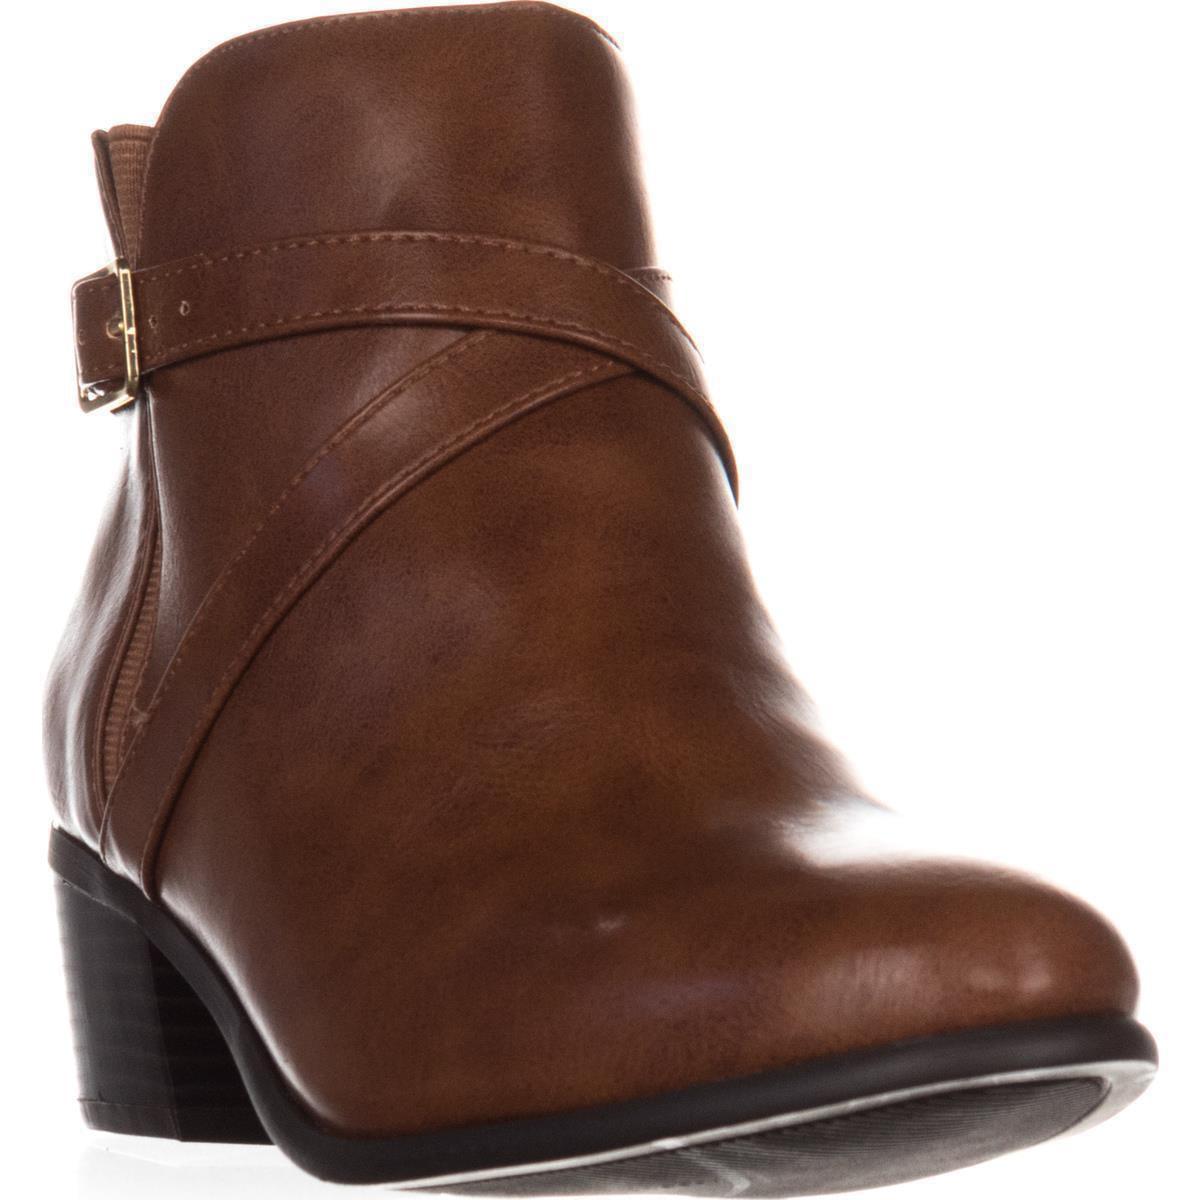 Womens KS35 Falonn Ankle Boots, Cognac